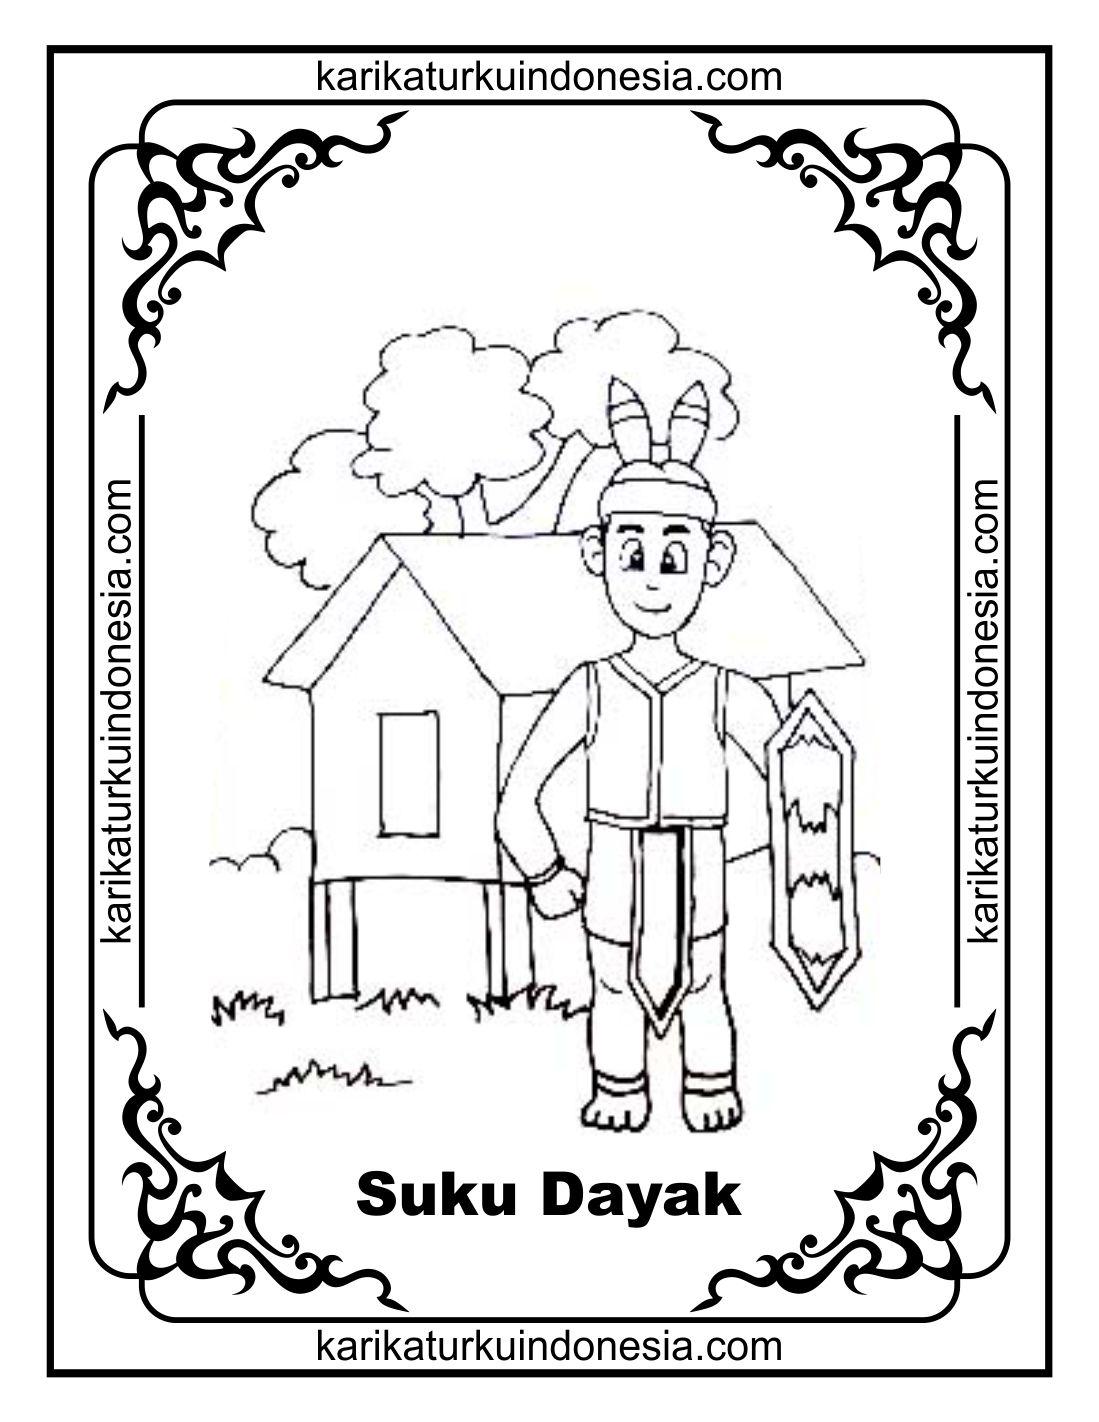 gambar rumah adat di indonesia gambar baju adat untuk